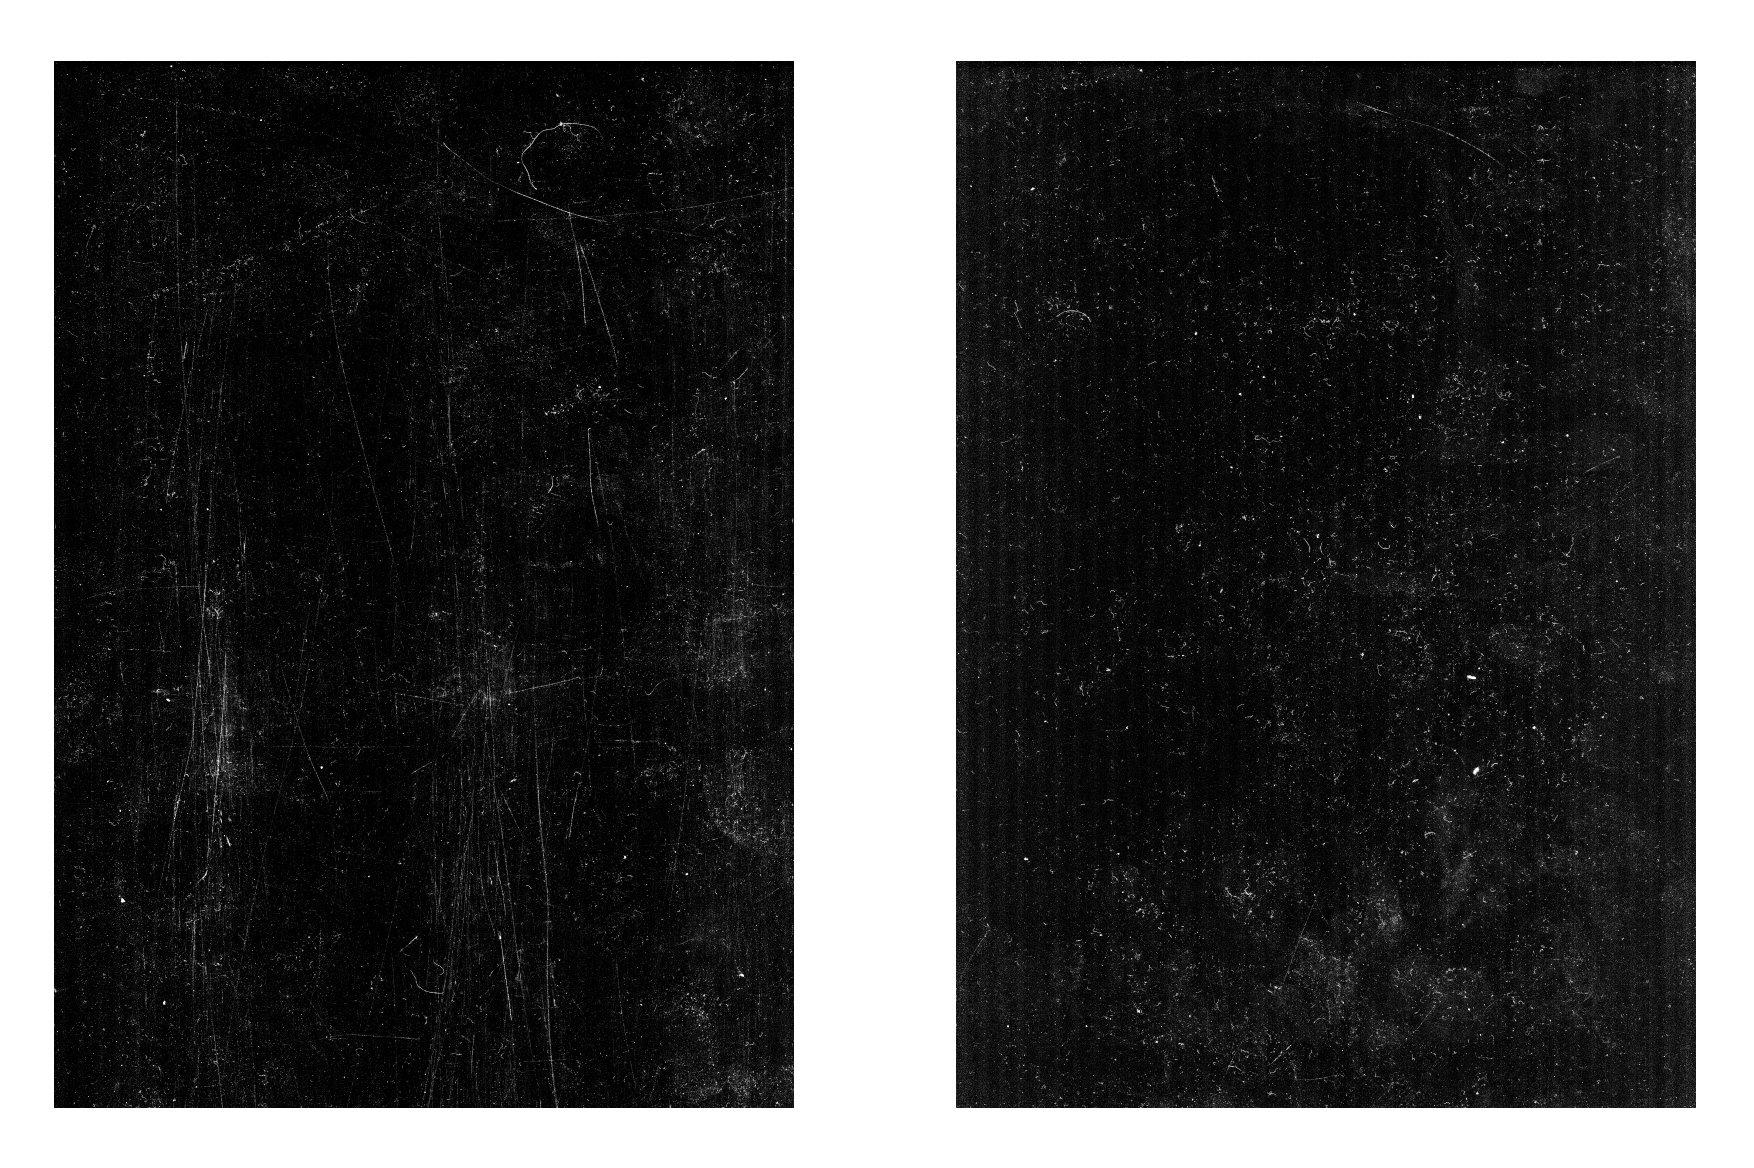 156款复古做旧折痕磨损褶皱纸张背景纹理素材合集 The Grunge Texture Bundle Vol. 1插图(65)